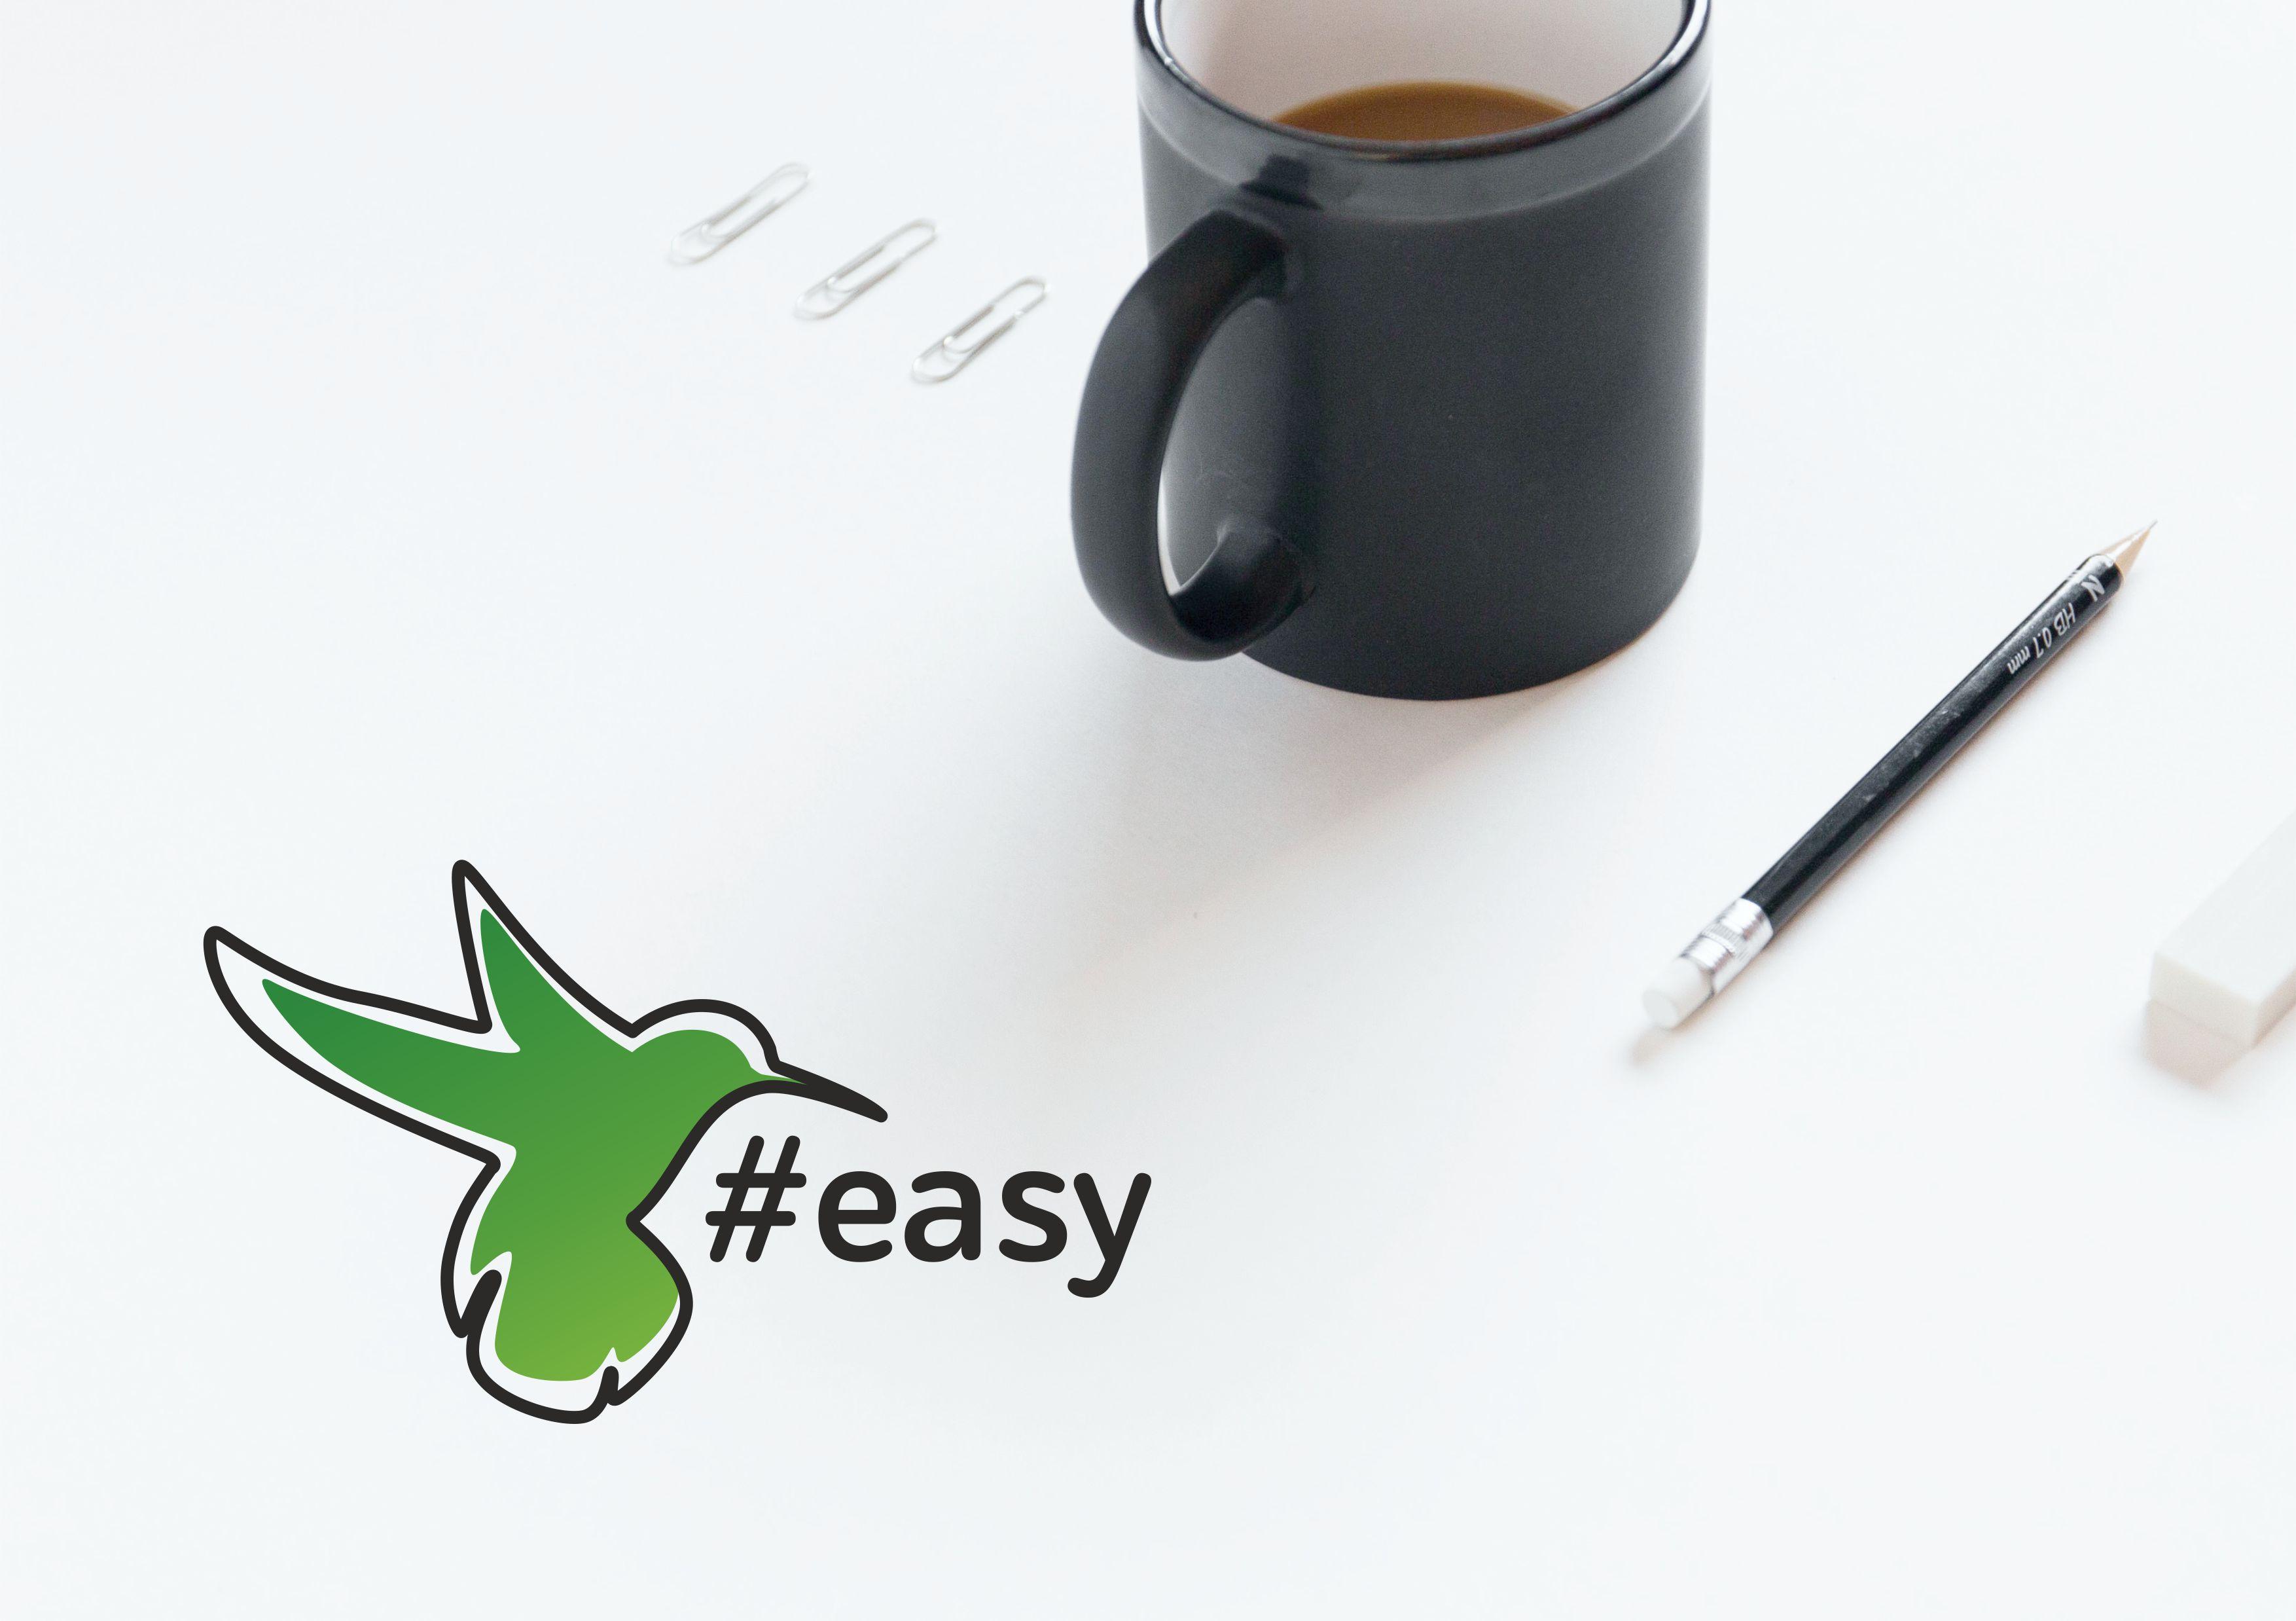 Разработка логотипа в виде хэштега #easy с зеленой колибри  фото f_5795d4dfd578e71b.jpg